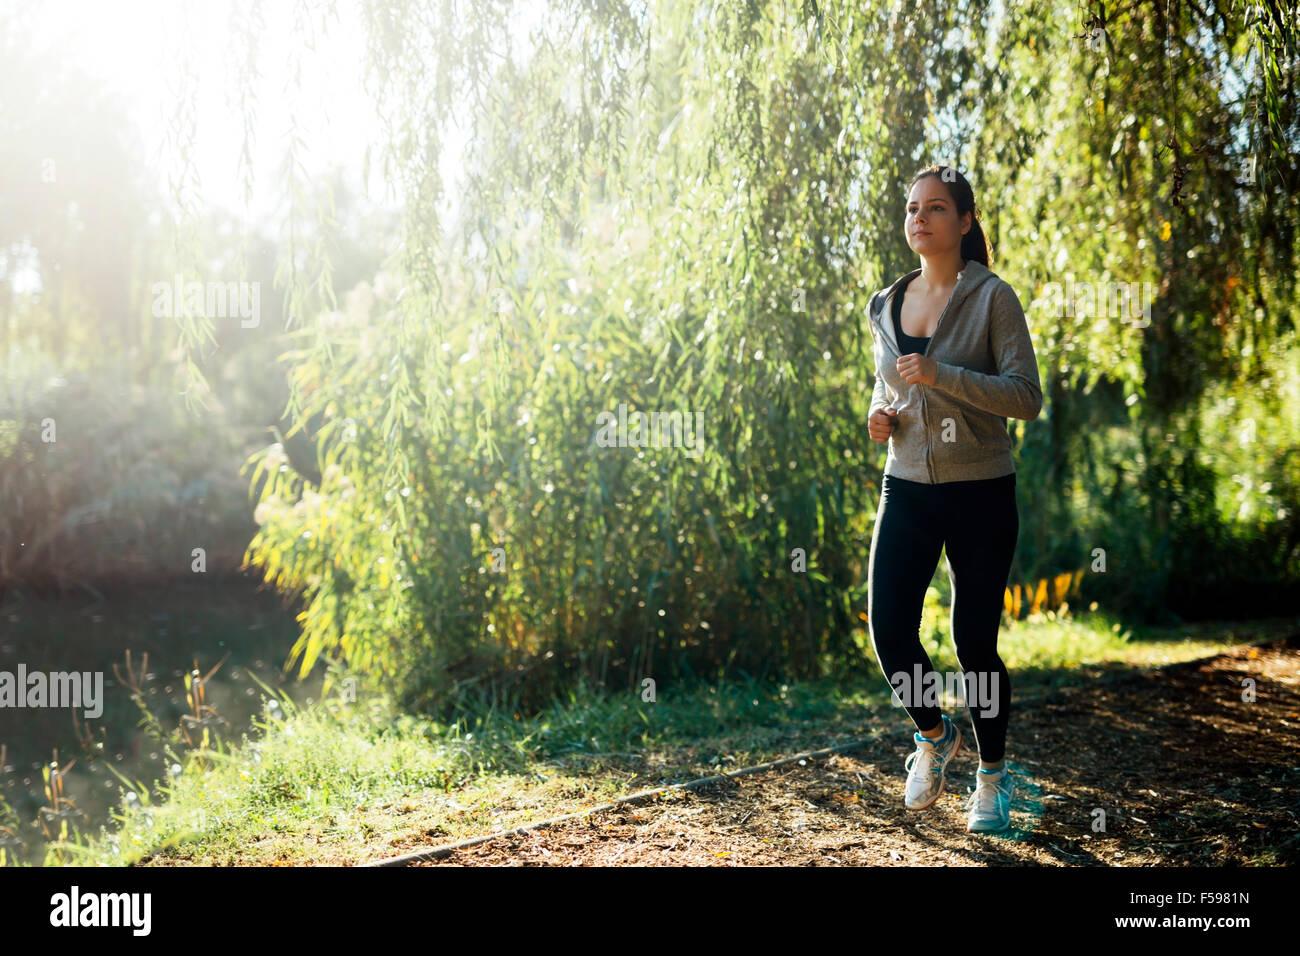 Chica deportiva trotar en el parque cerca de un río Imagen De Stock